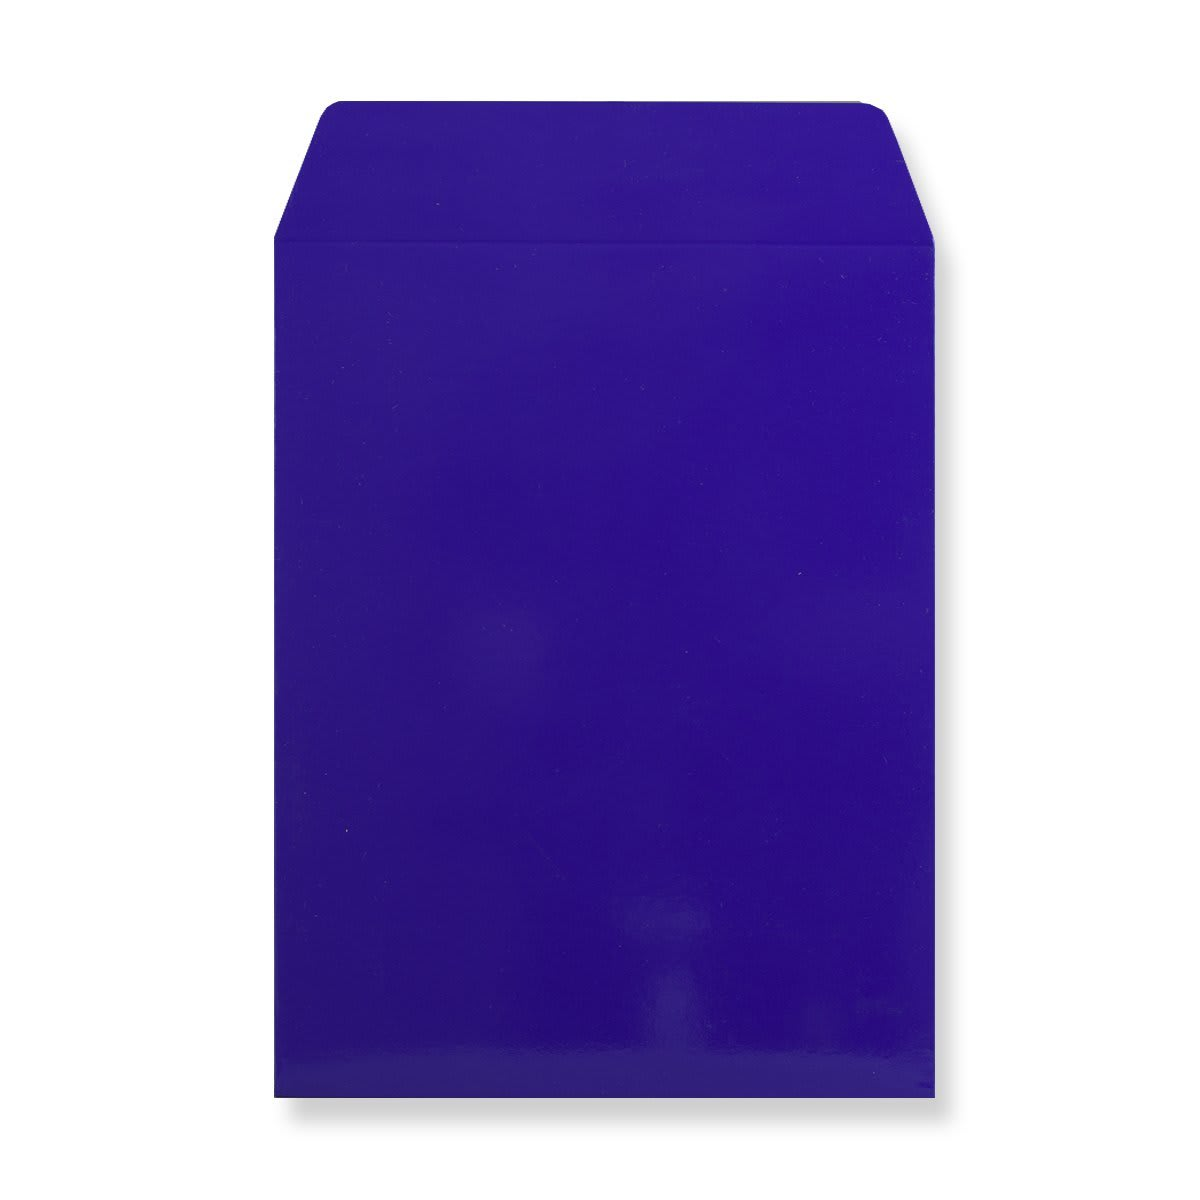 C3 BLUE ALL BOARD ENVELOPES